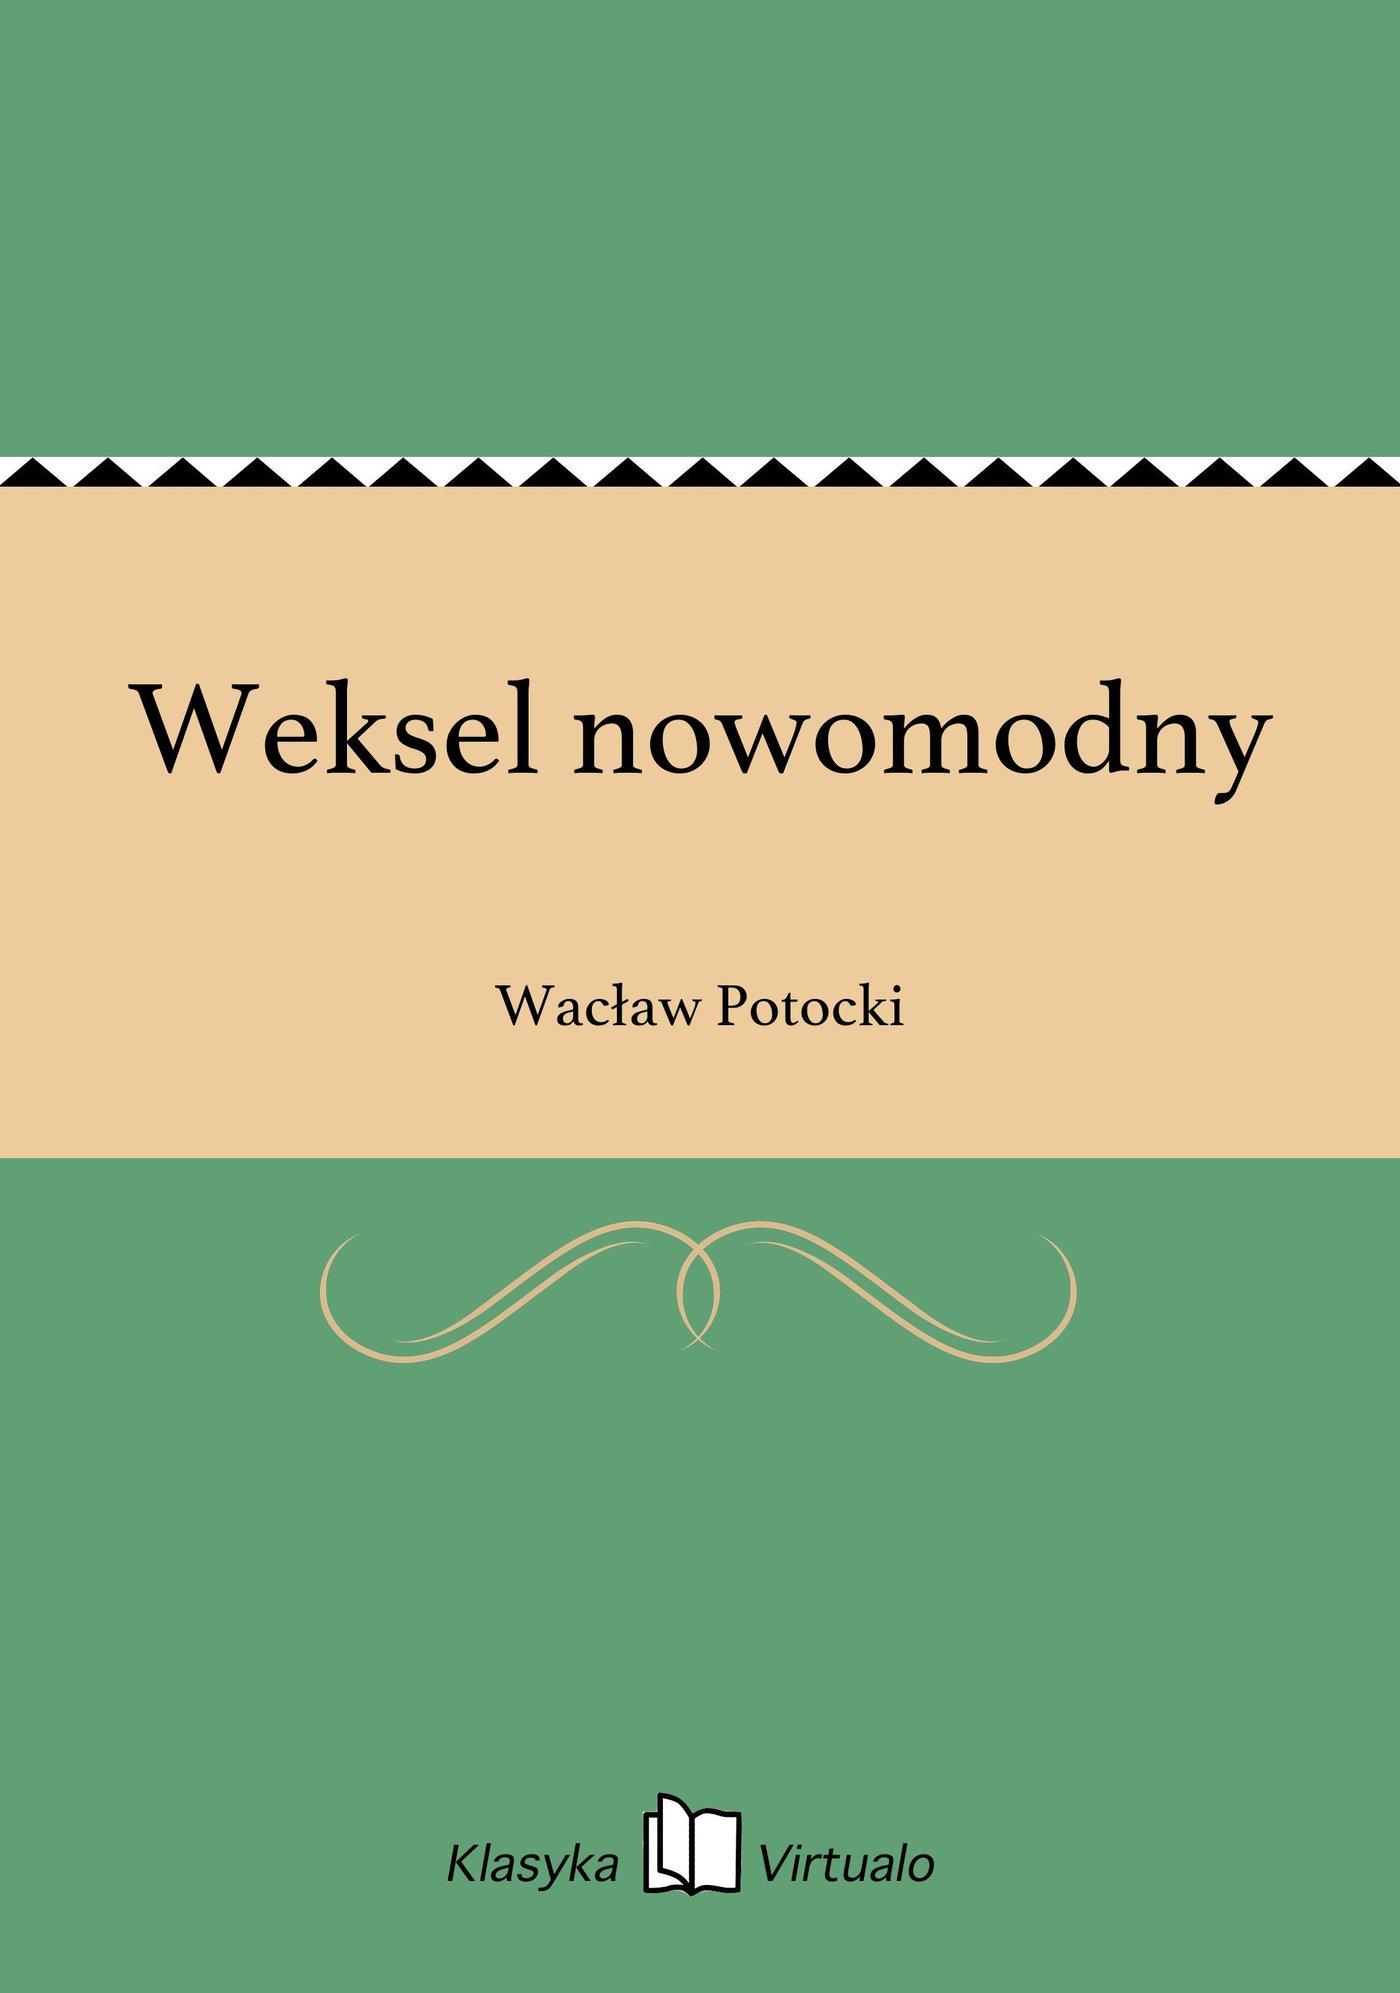 Weksel nowomodny - Ebook (Książka na Kindle) do pobrania w formacie MOBI